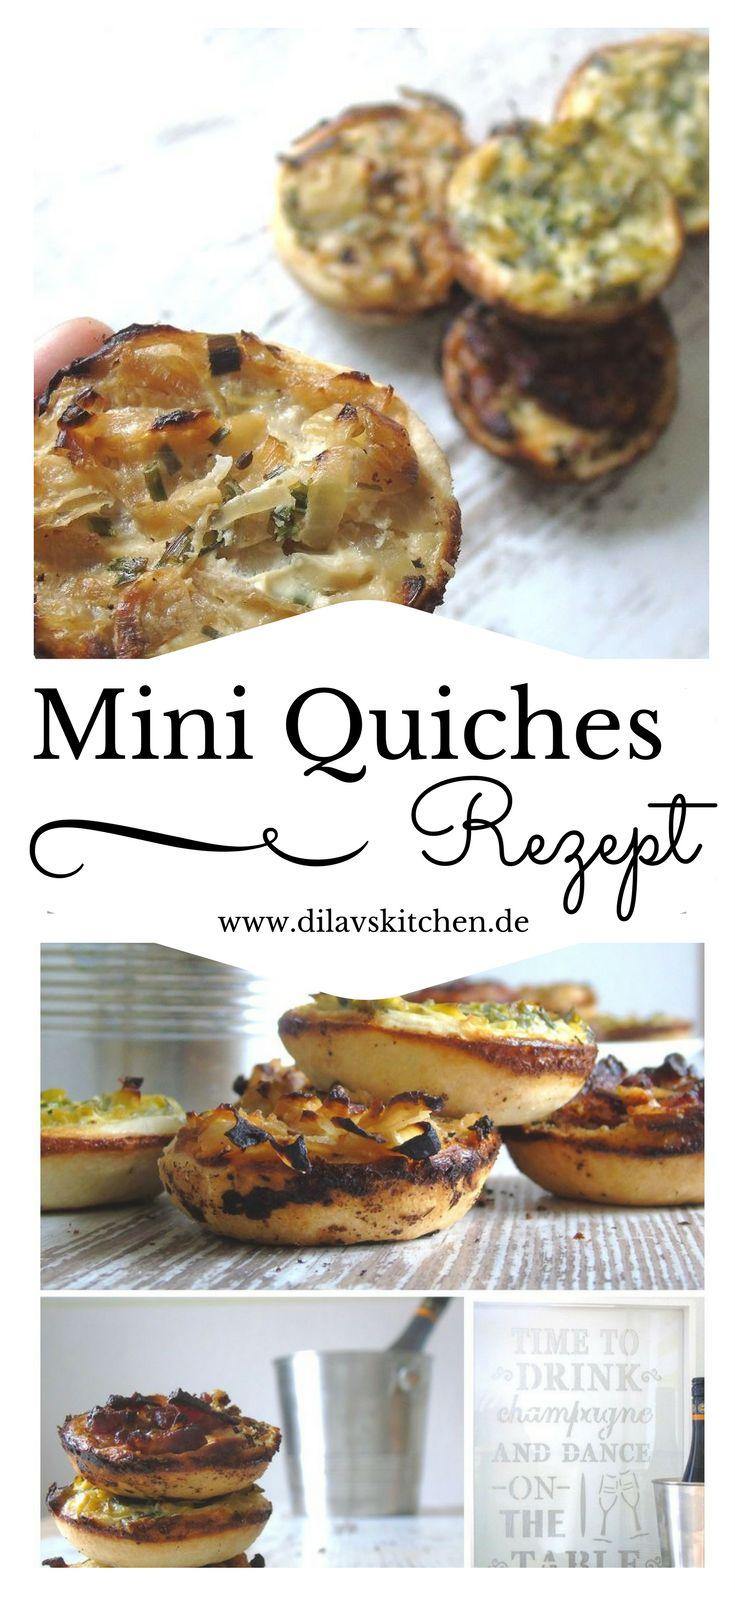 Diese Mini Quiches sind so klein und süß, dass garantiert niemand widerstehen kann. Ob auf dem Buffet, beim Brunch, als Mitbringsel zum Picknick oder einfach als kleiner gesunder Snack, die kleinen Leckerbissen gehen einfach immer. Hol dir das Rezept für die Mini Quiches jetzt auf www.dilavskitchen.de #rezept #foodblog #brunch #kleinigkeiten #snacks #buffet #quiche #miniquiche #lauch #speck #mürbteig